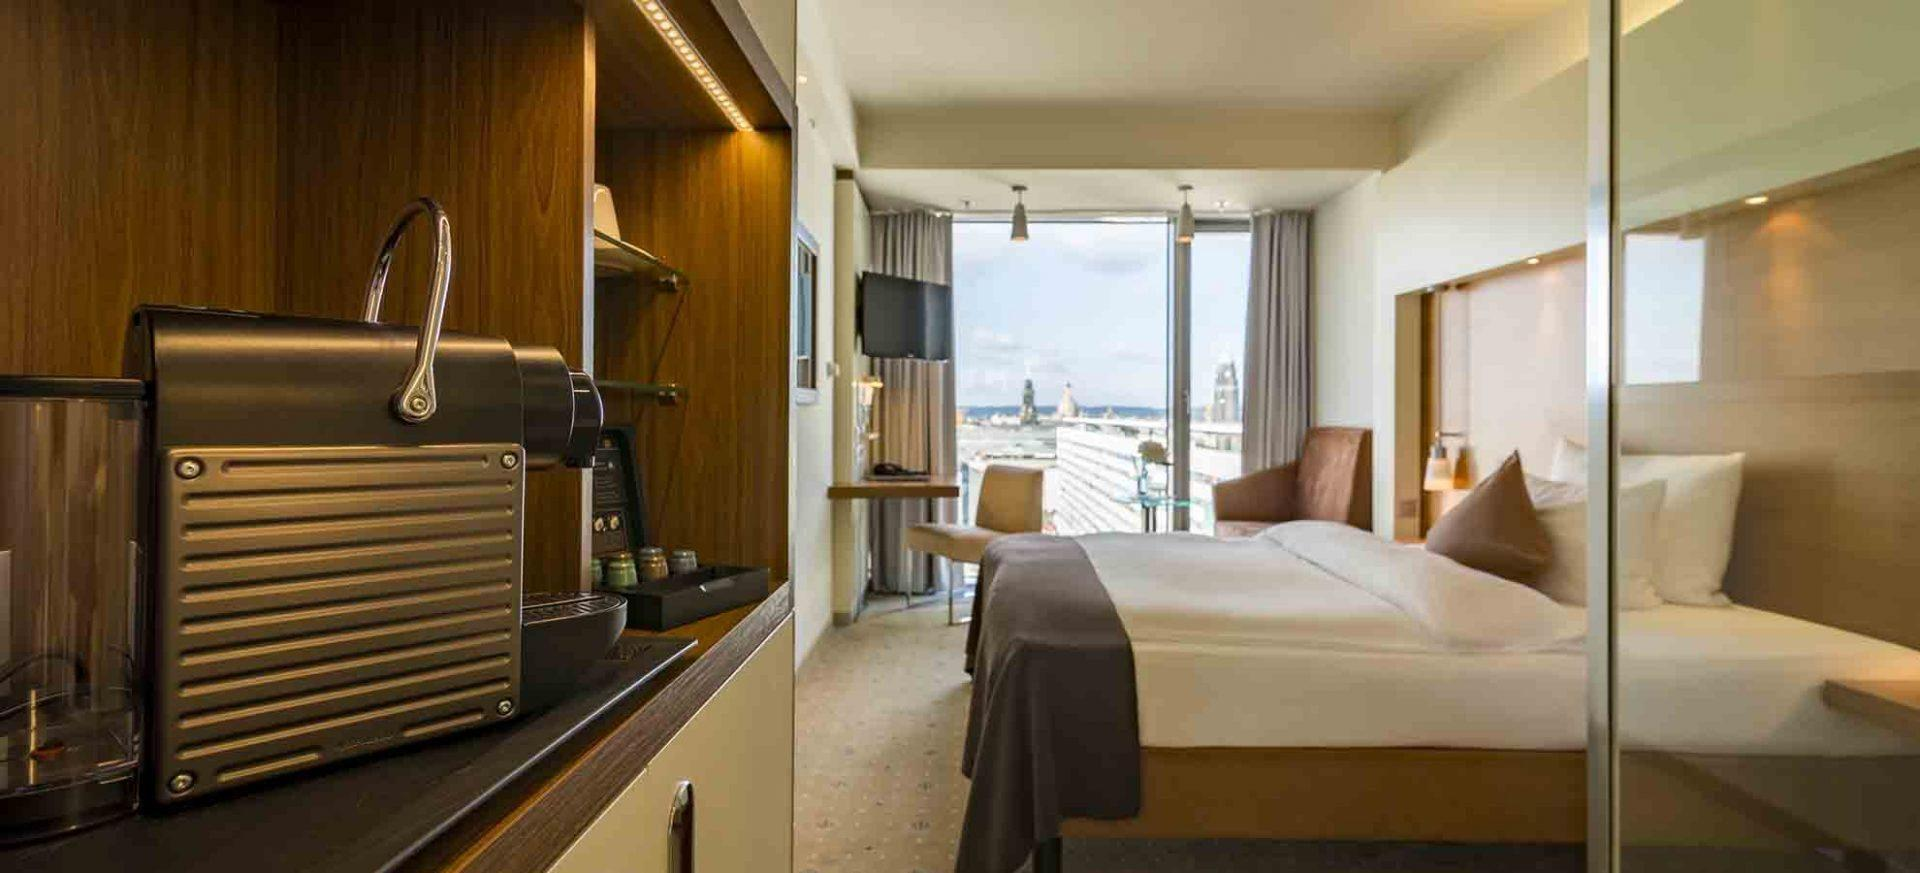 Pullman-Hotel-Dresden-Newa-Deluxe-Einzelzimmer